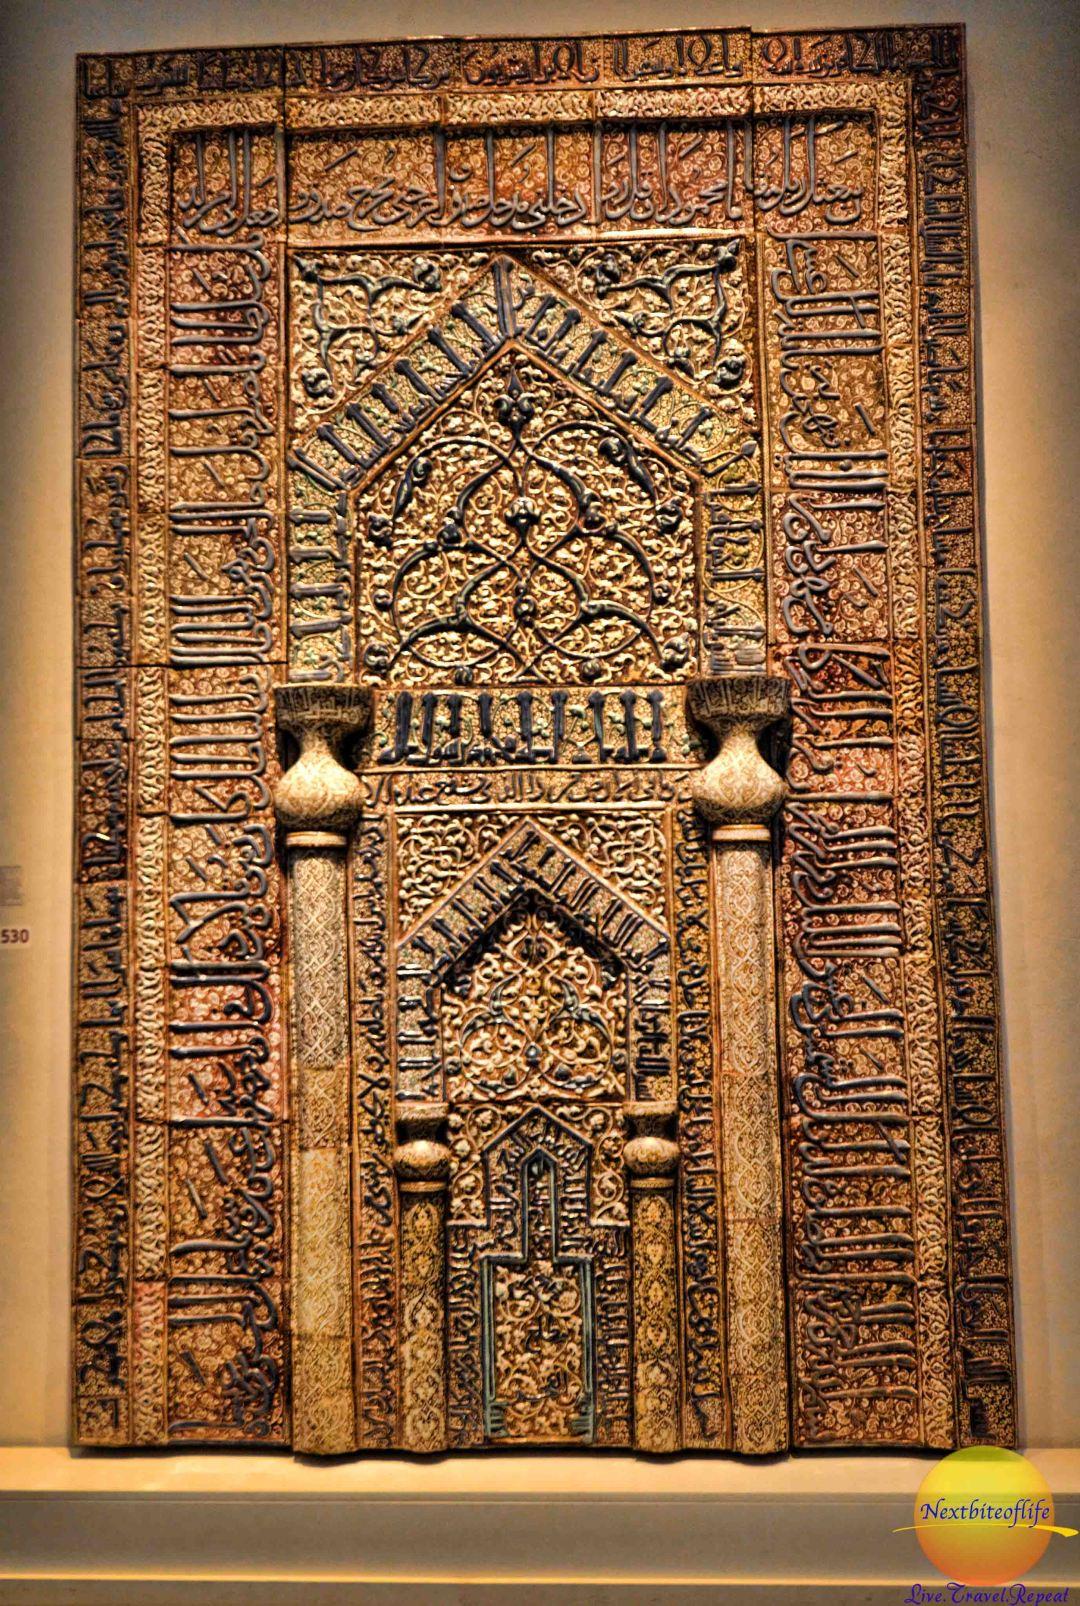 Ancient Moorish door in the Pergamon Museum, Berlin